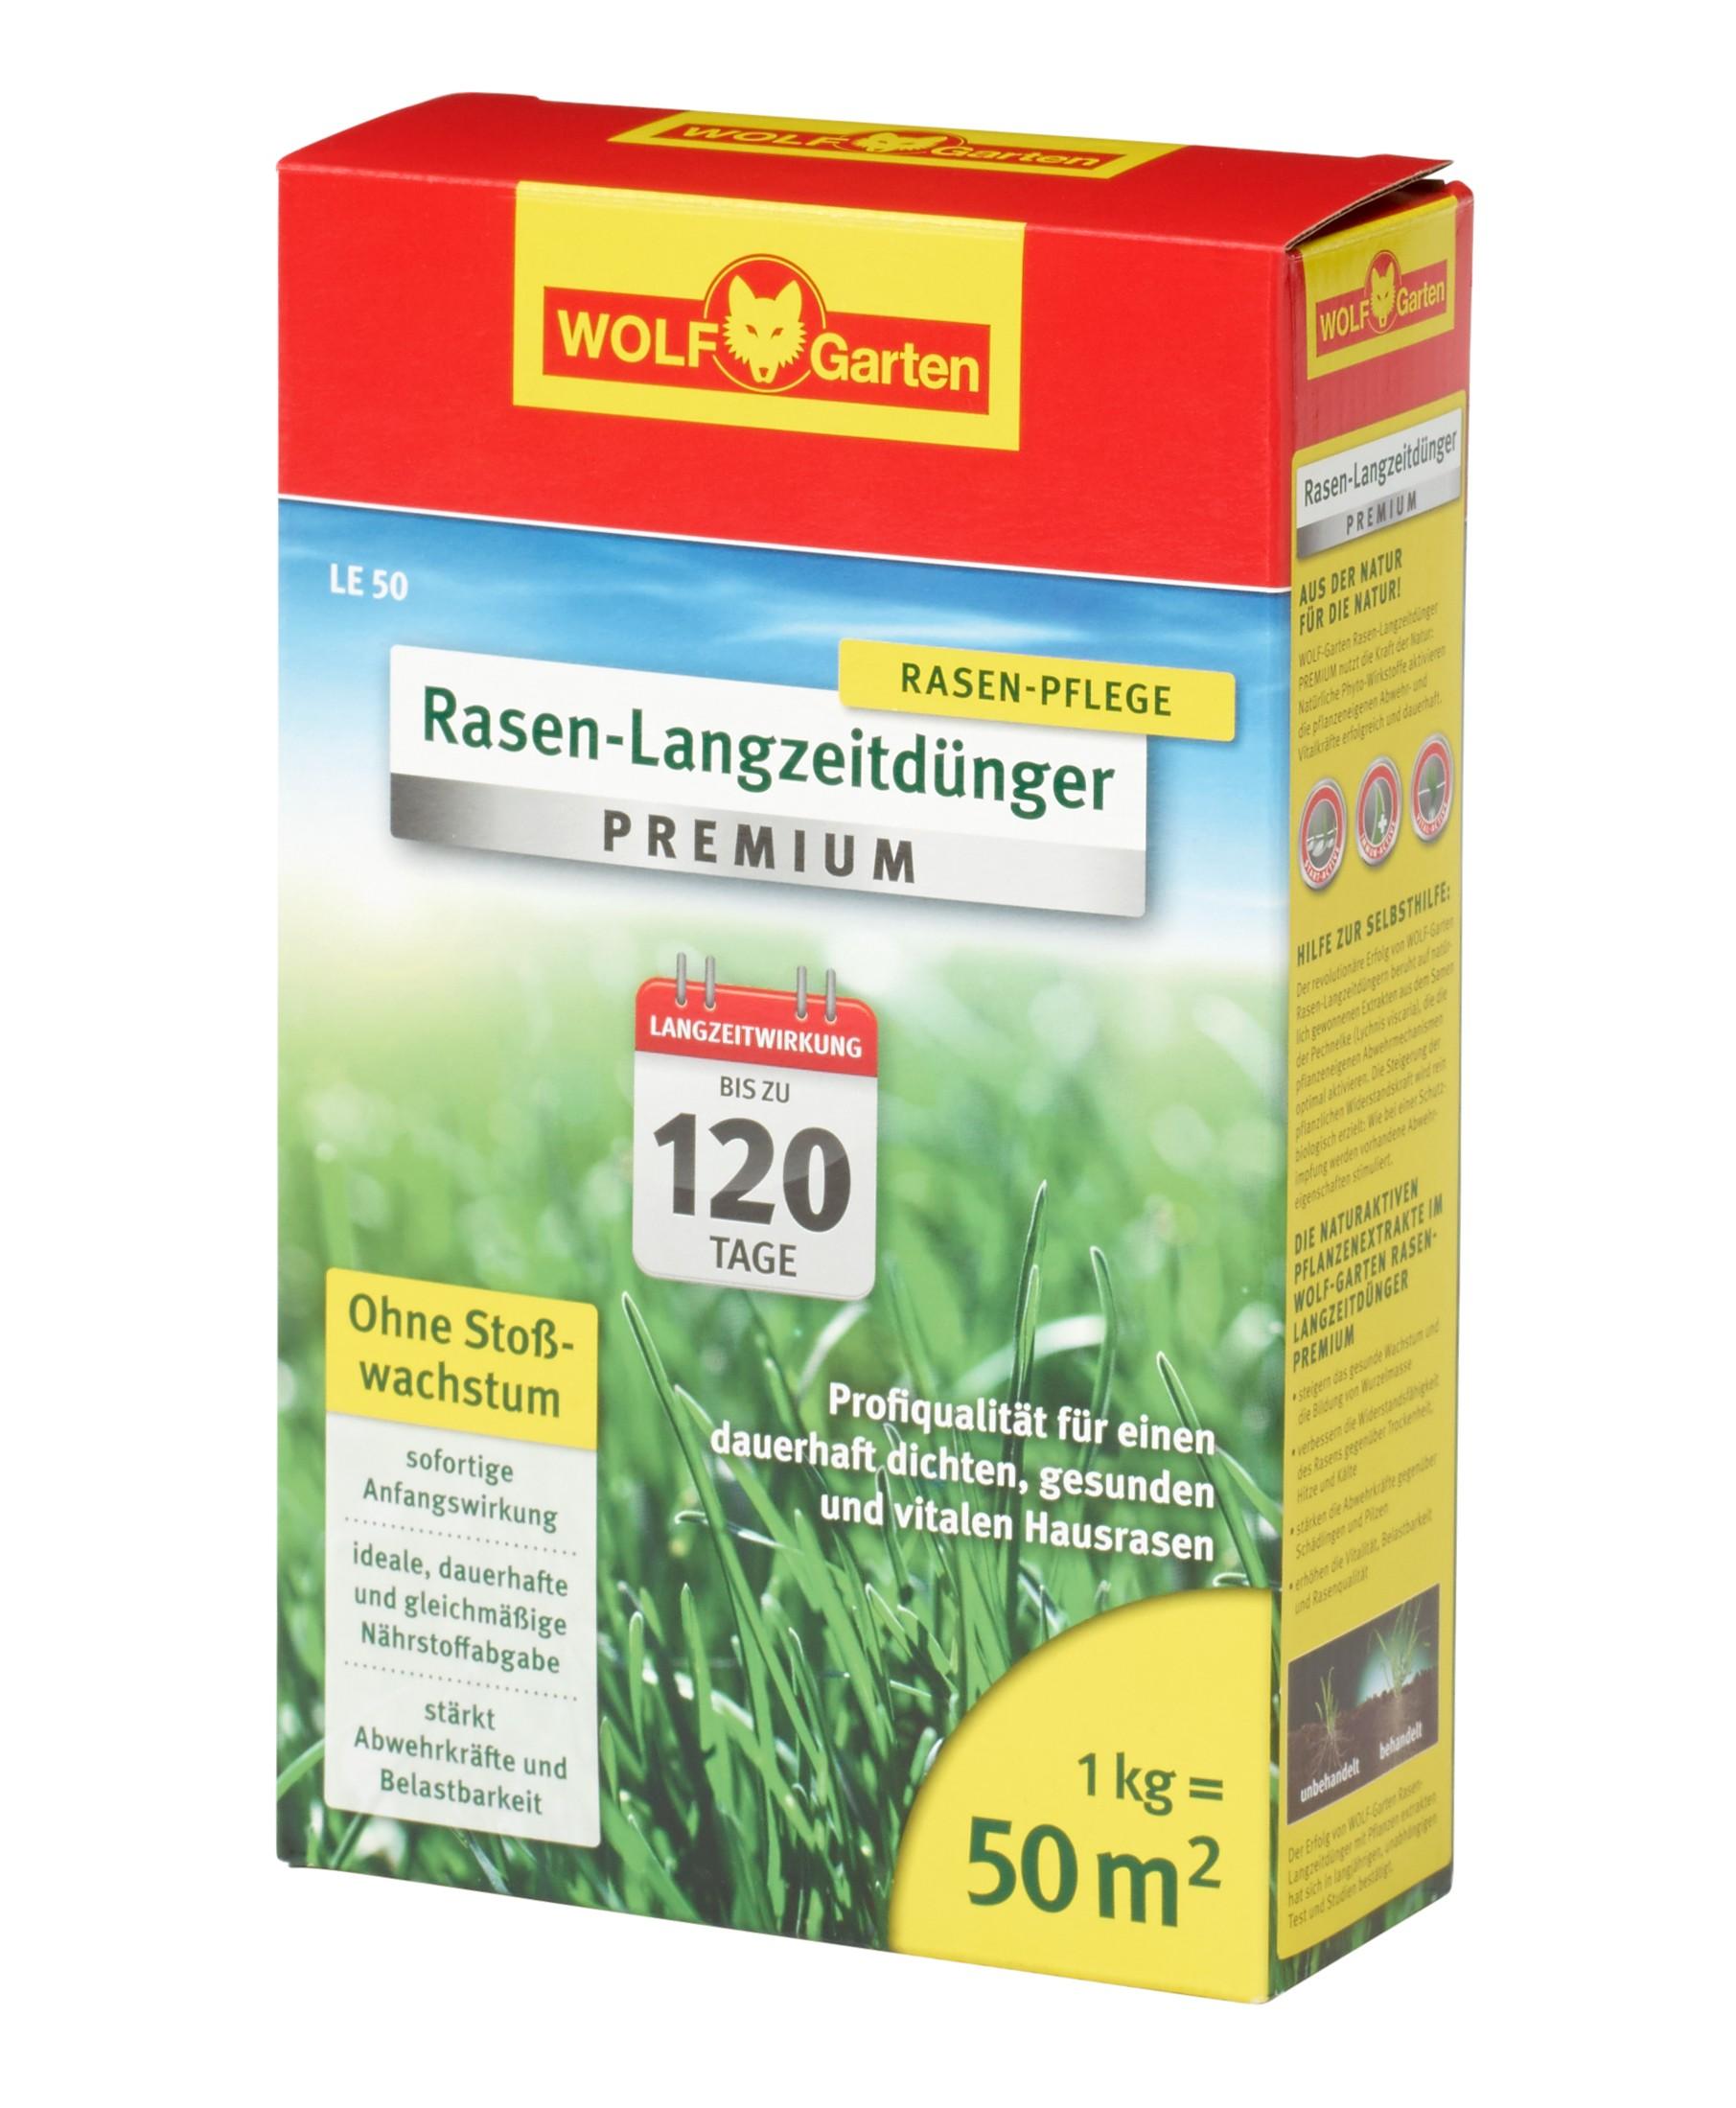 Wolf Garten Rasen Langzeitdünger Premium LE50 bis 120 Tage für 50 m² Bild 1